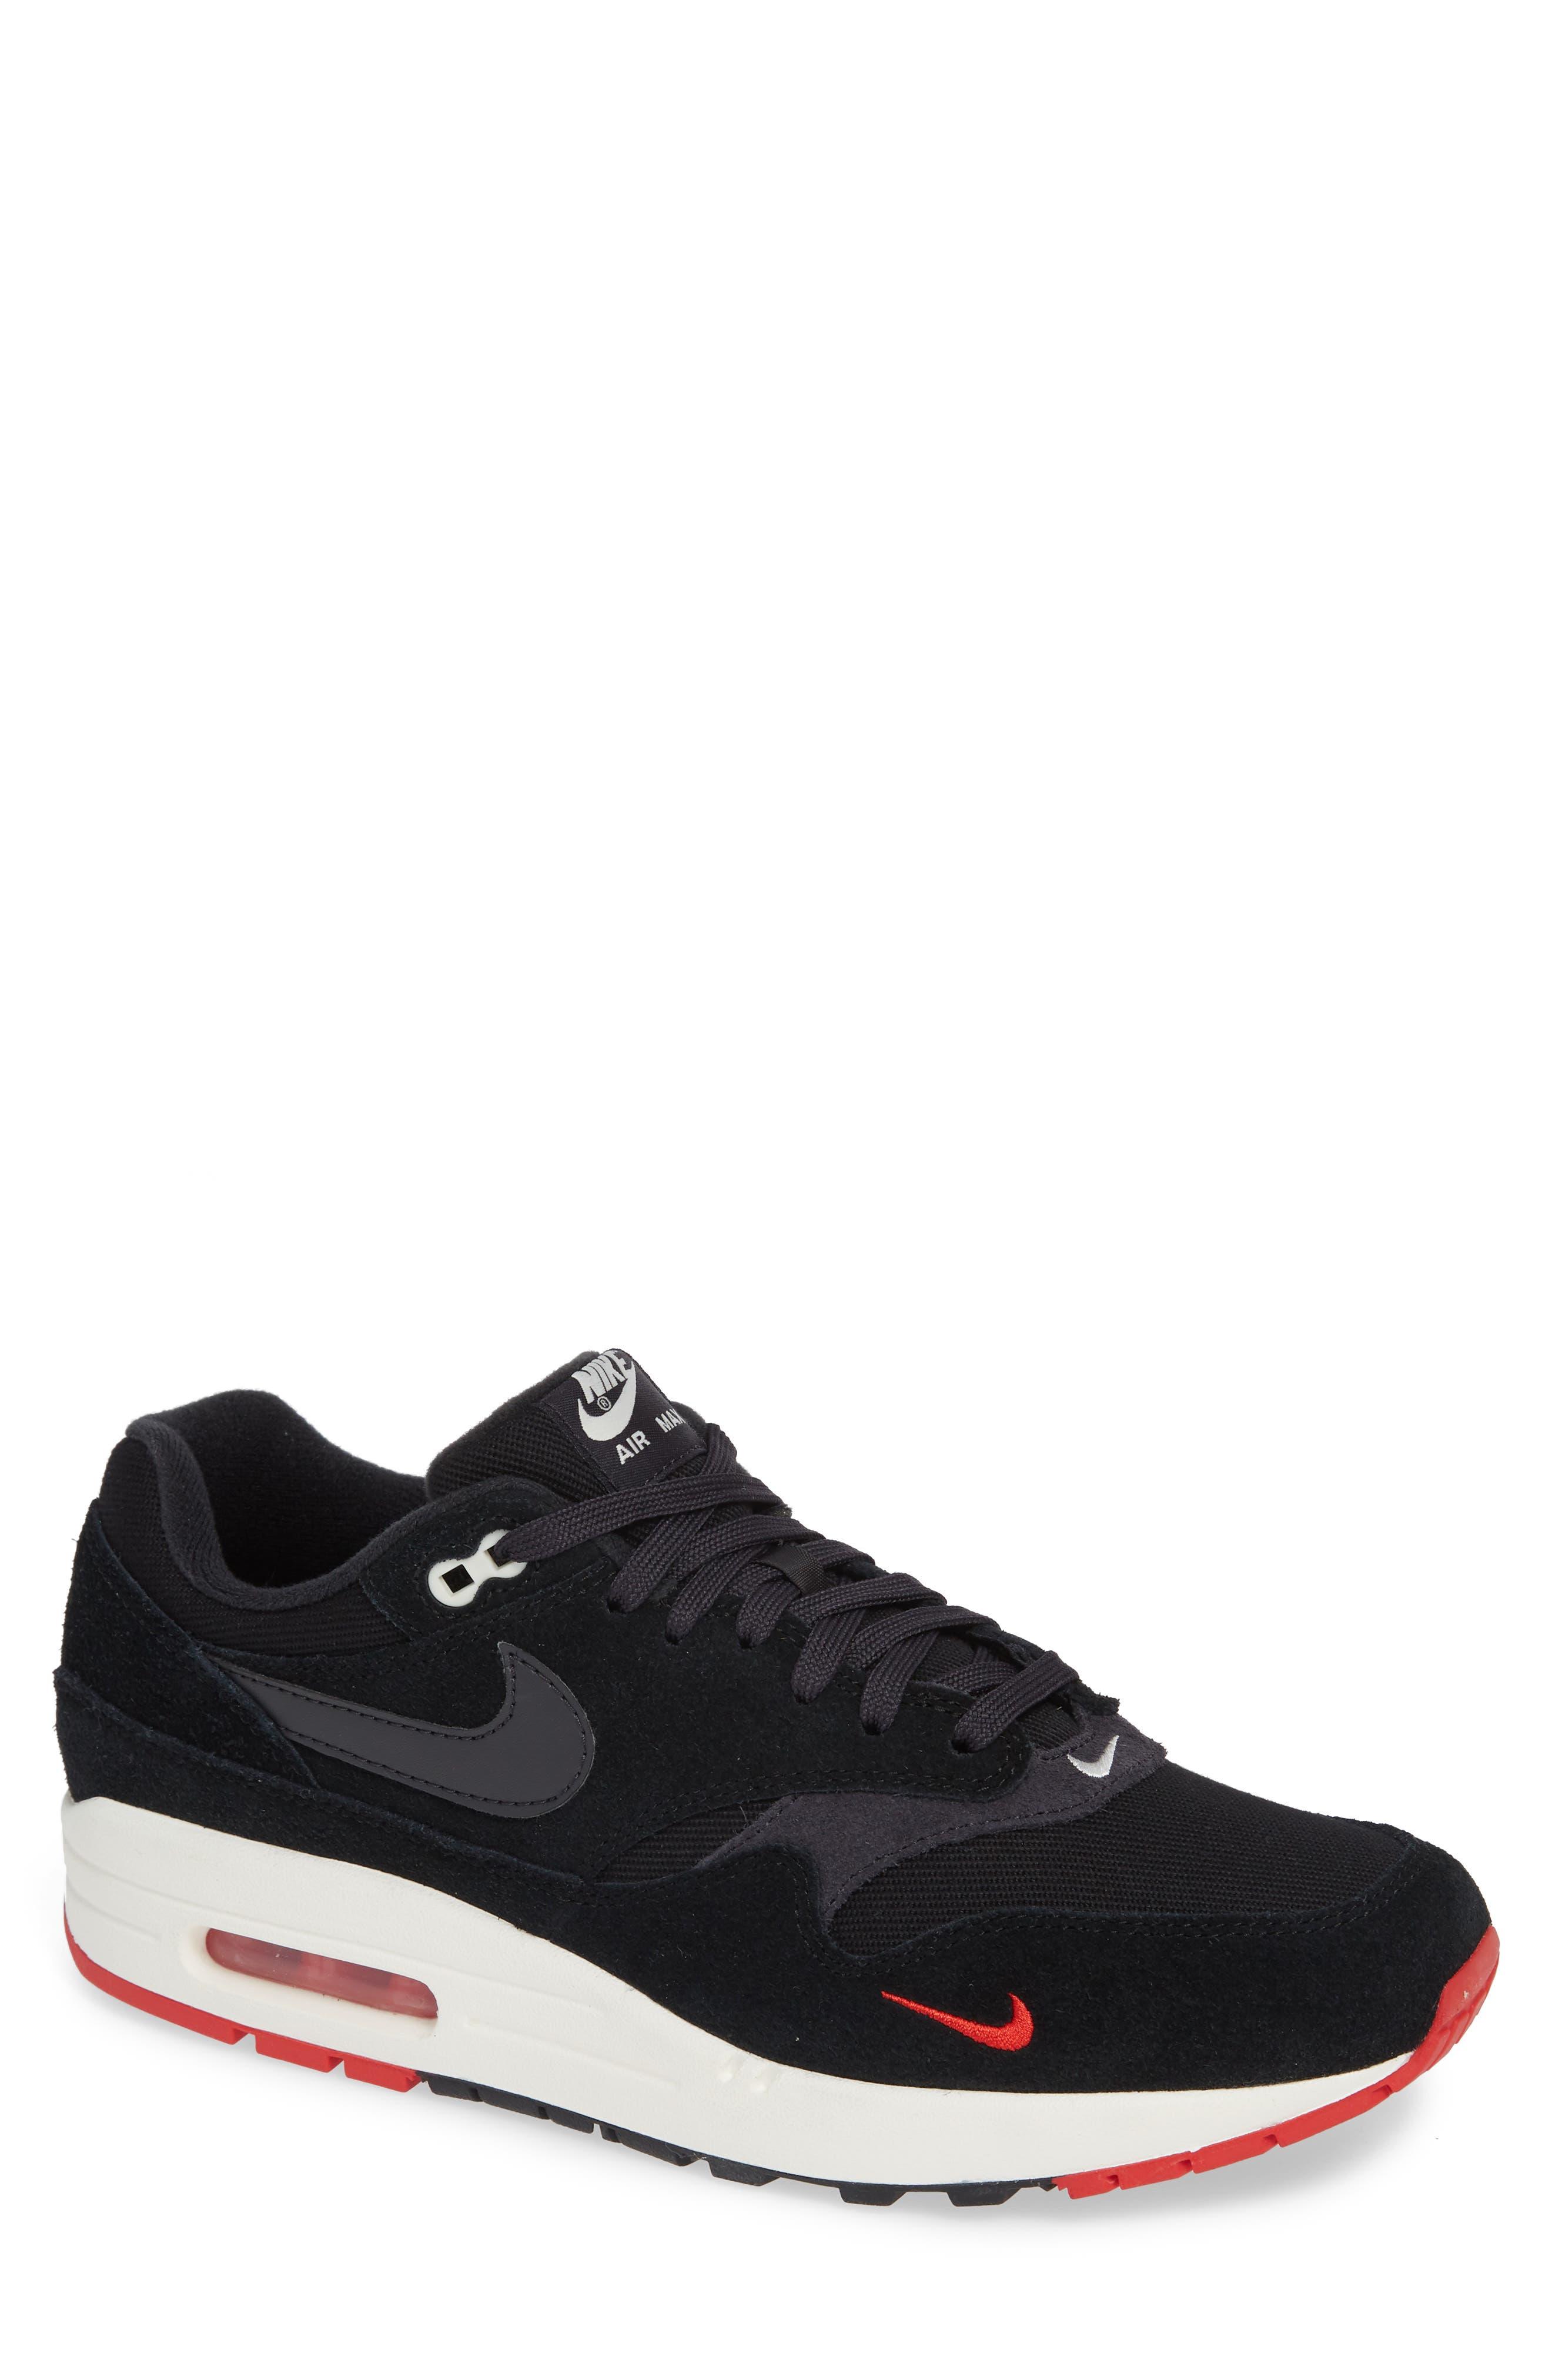 Air Max 1 Premium Sneaker,                         Main,                         color, Black/ Grey/ University Red